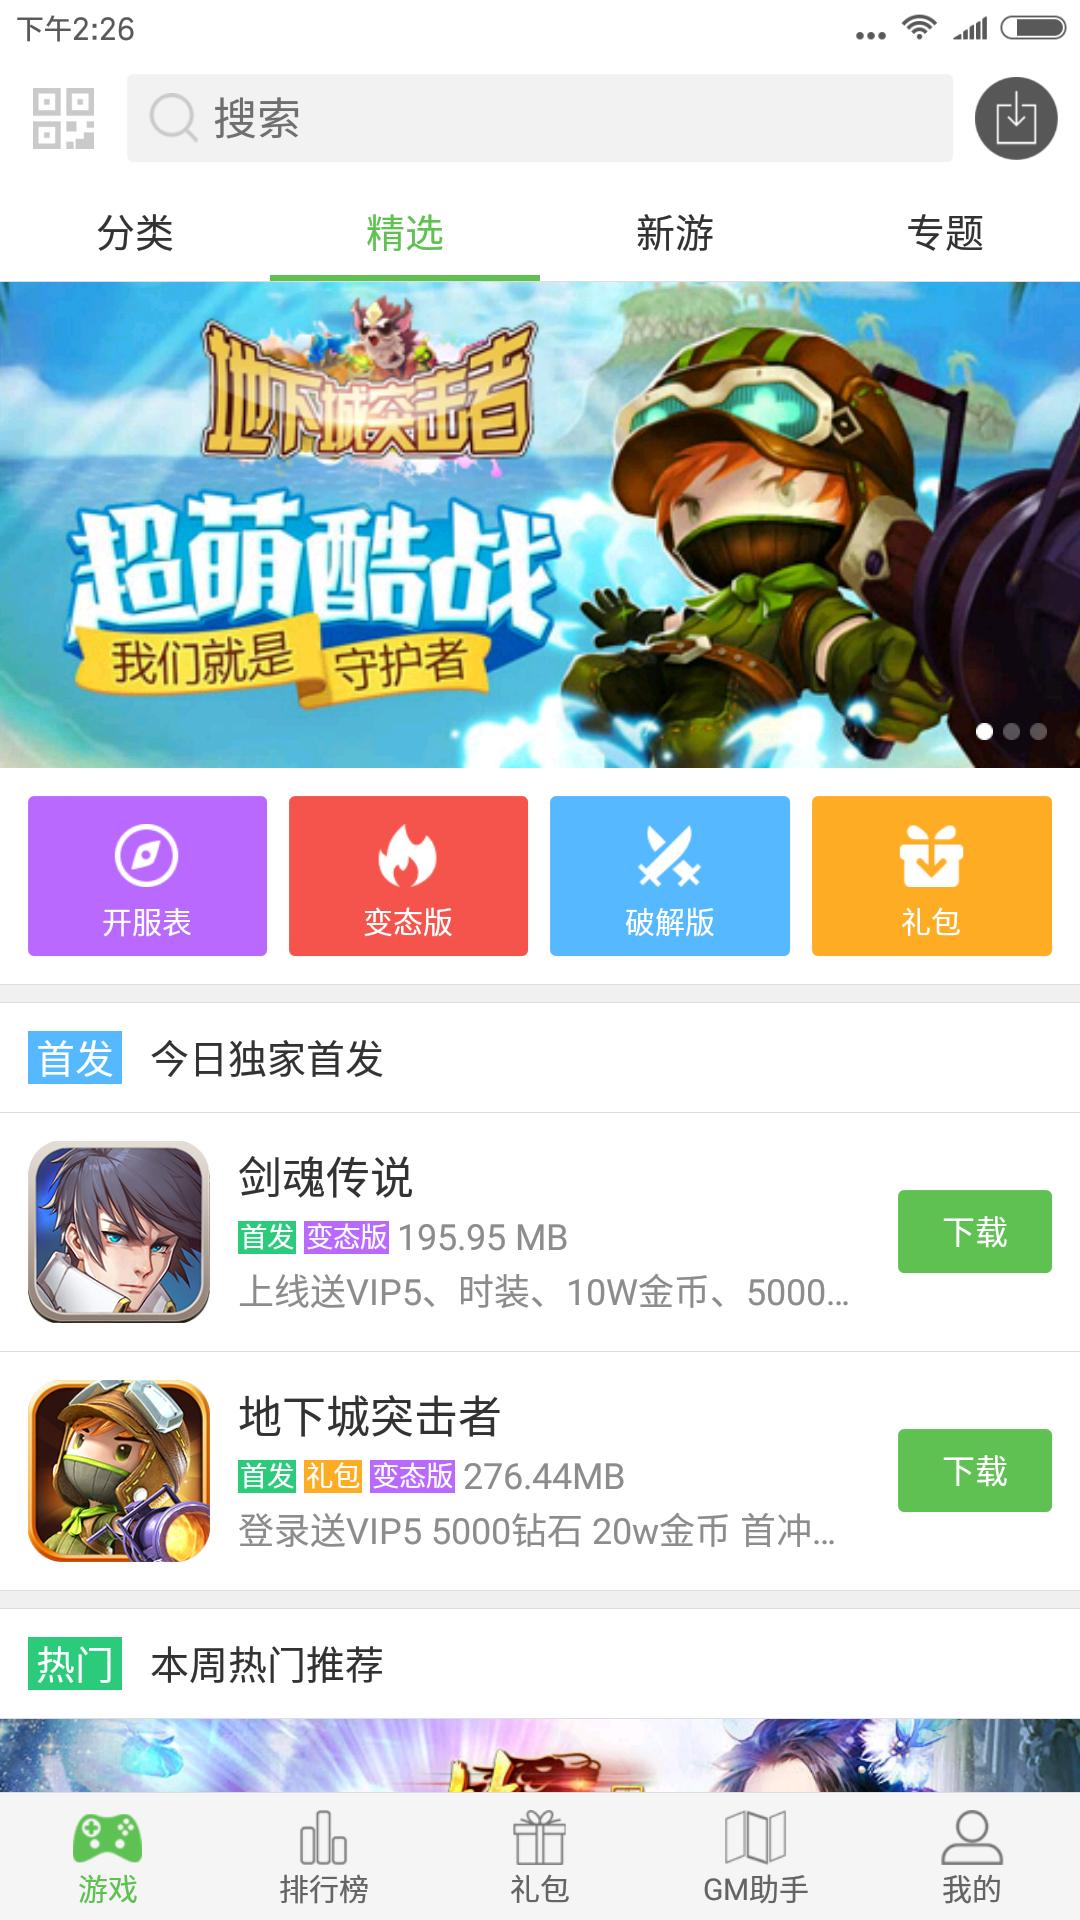 3733游戏盒子游戏截图1